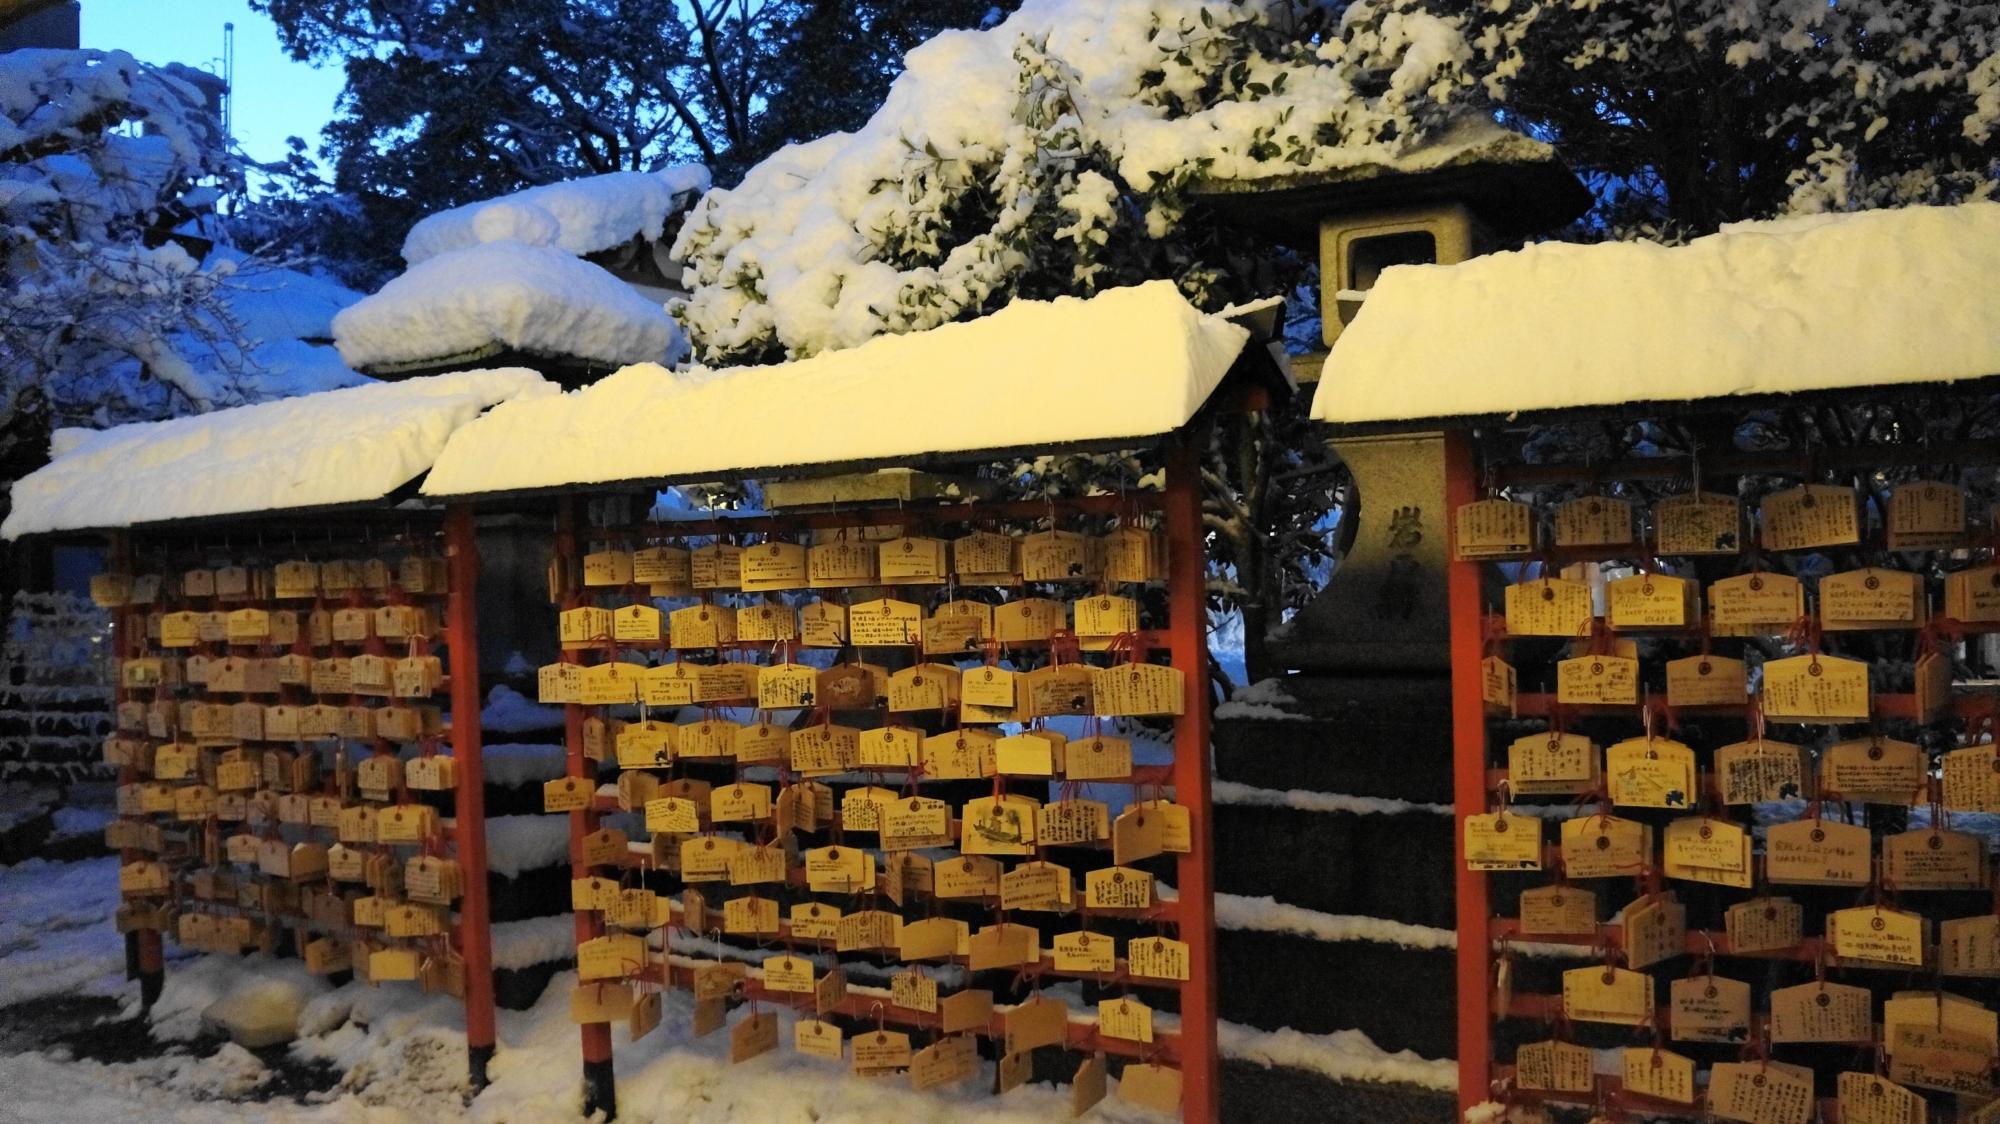 安井金比羅宮の絵馬所の雪景色